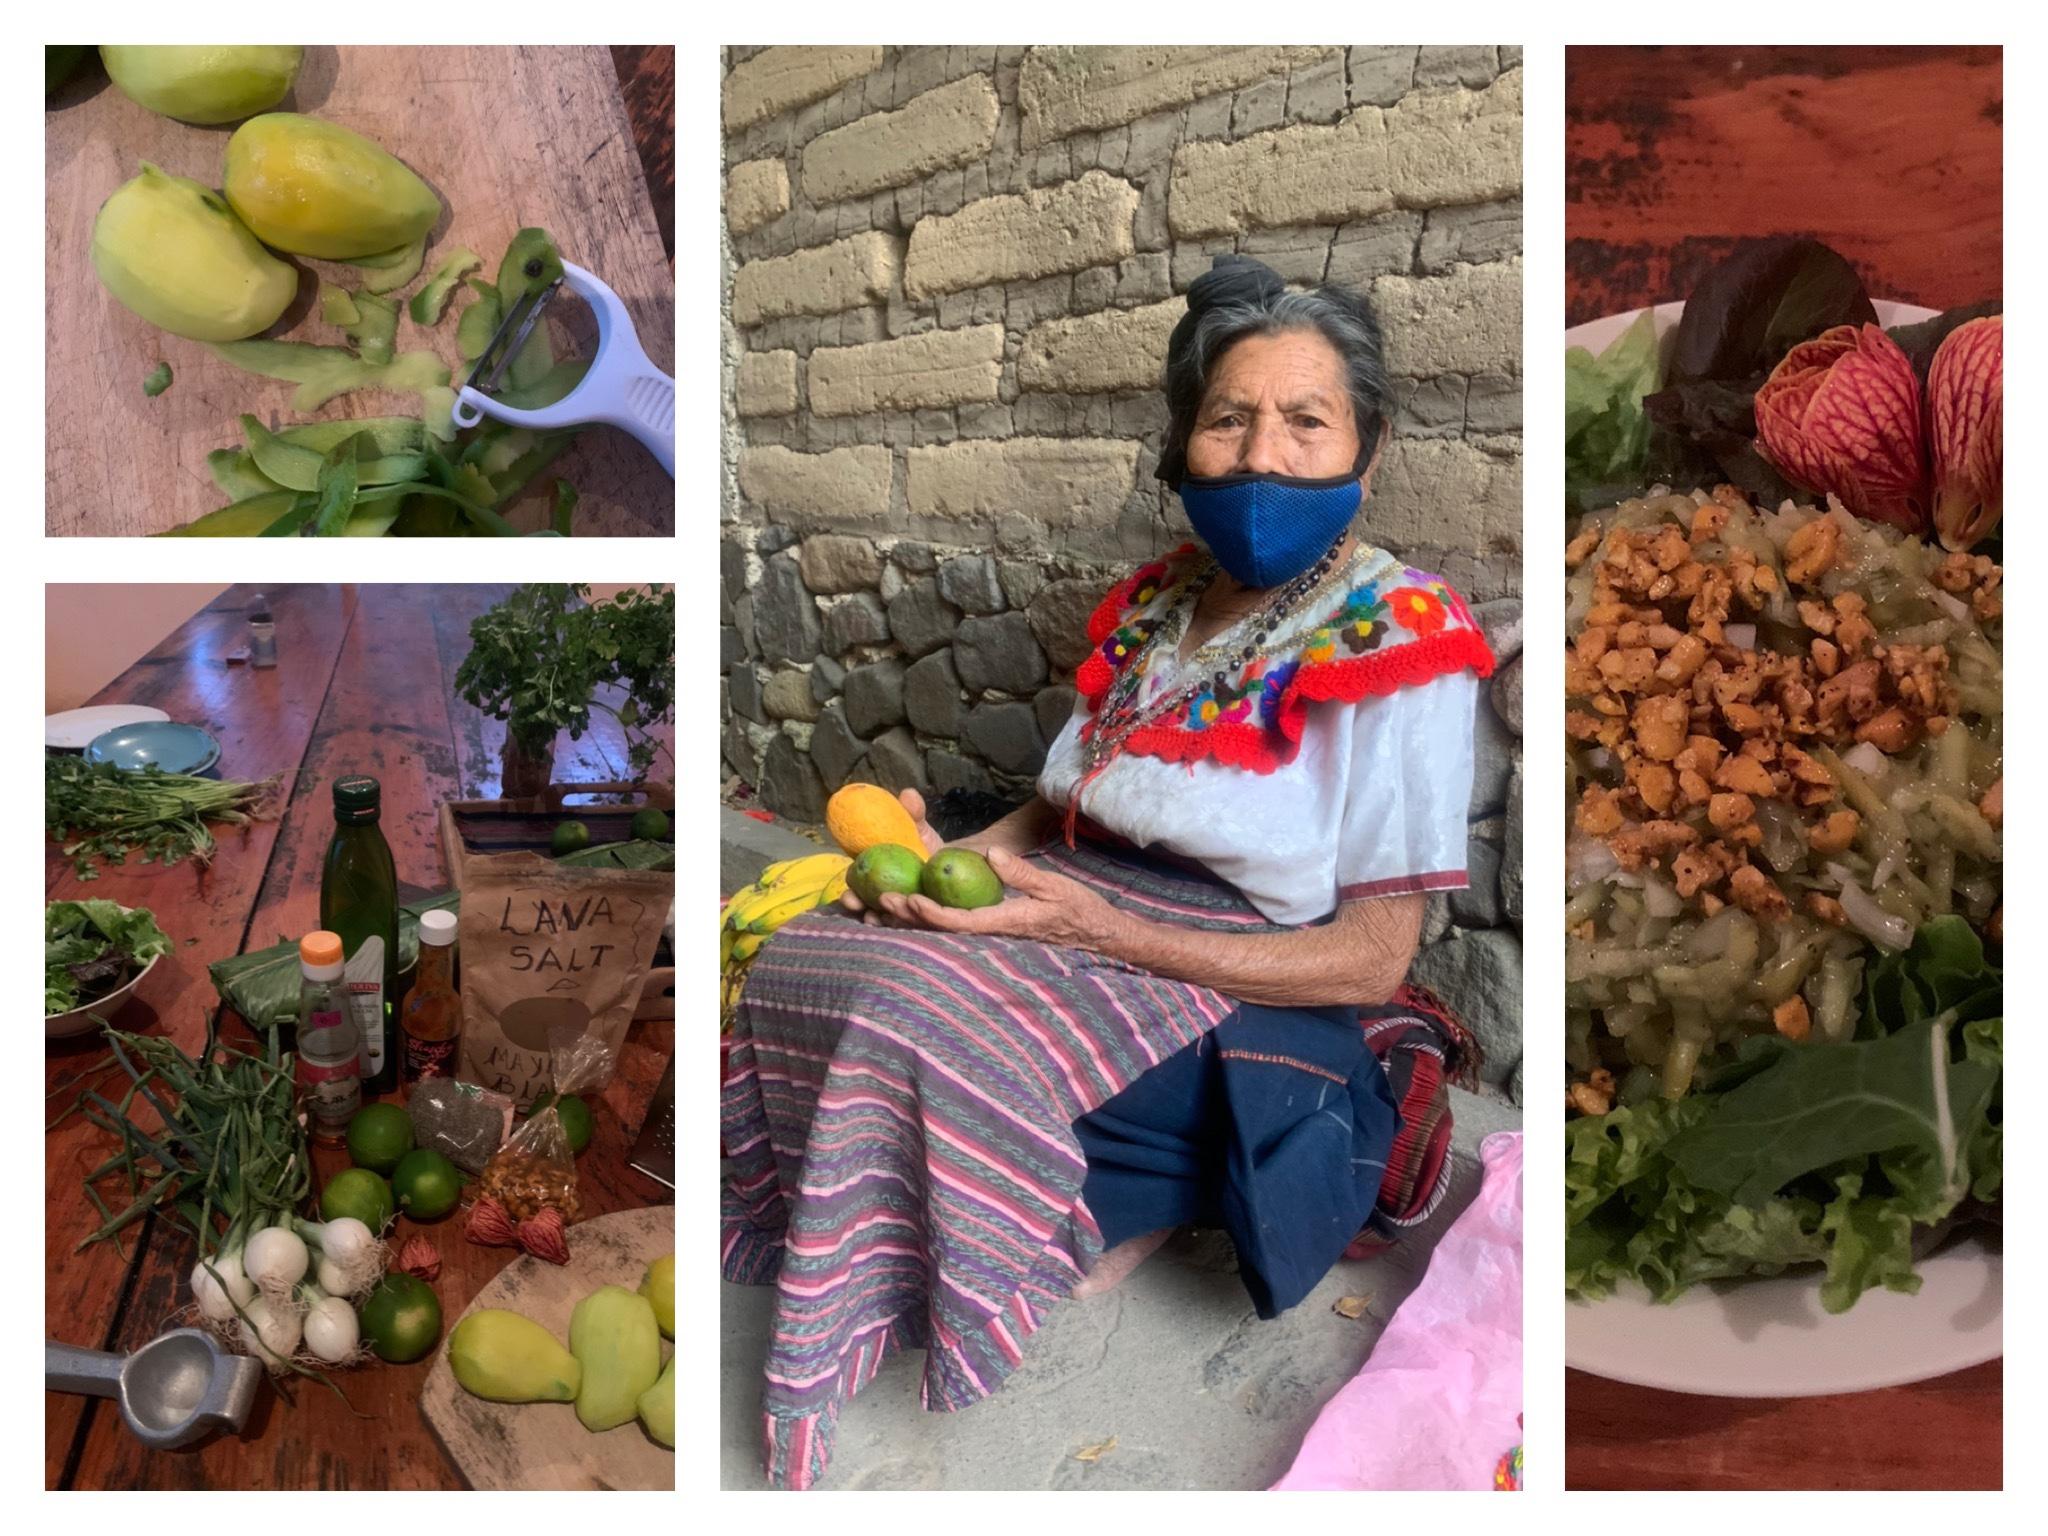 Ein Reisebericht aus San Marcos La Laguna I Guatemala samt Rezept für einen pikanten Mango-Salat